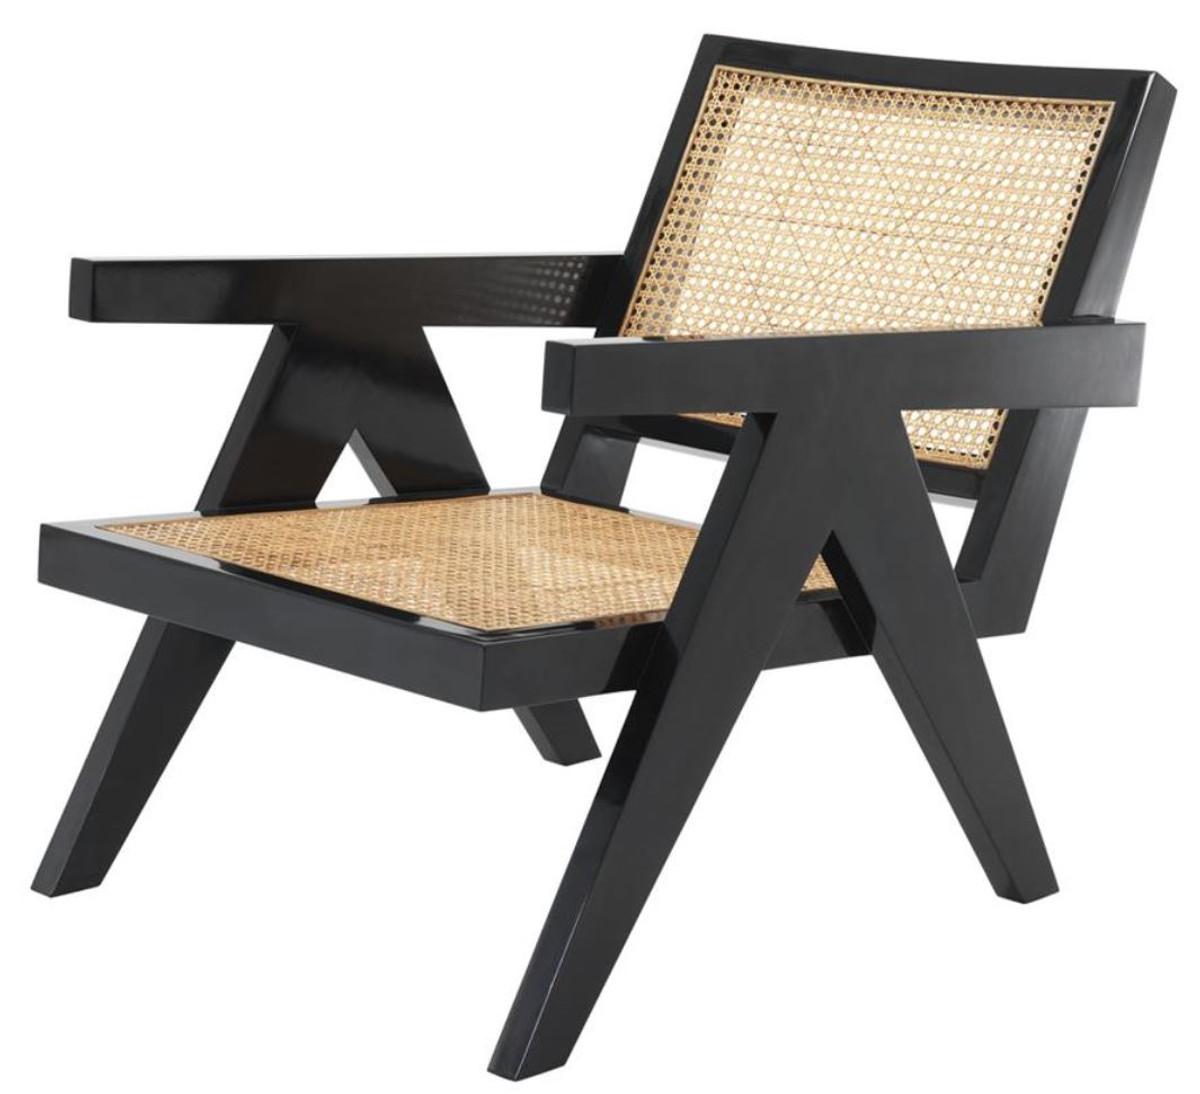 casa padrino designer stuhl mit armlehnen in schwarz naturfarben 58 x 82 x h 70 cm. Black Bedroom Furniture Sets. Home Design Ideas